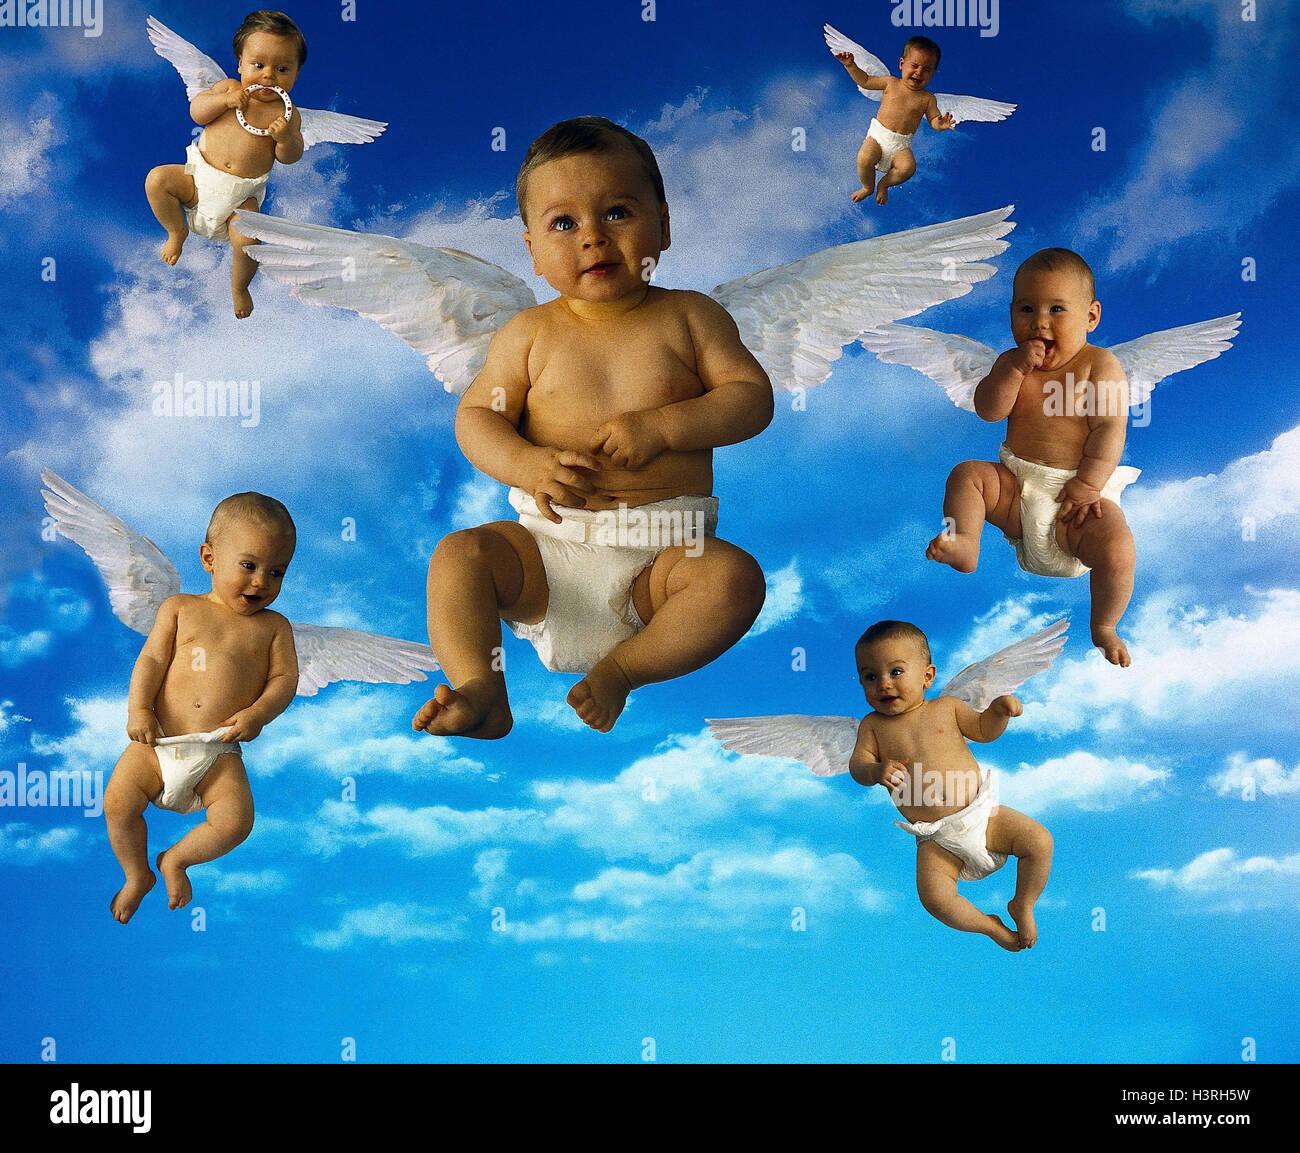 Componer Cielo Nublado Bebés Alas ángeles Bebés Niños Pequeños